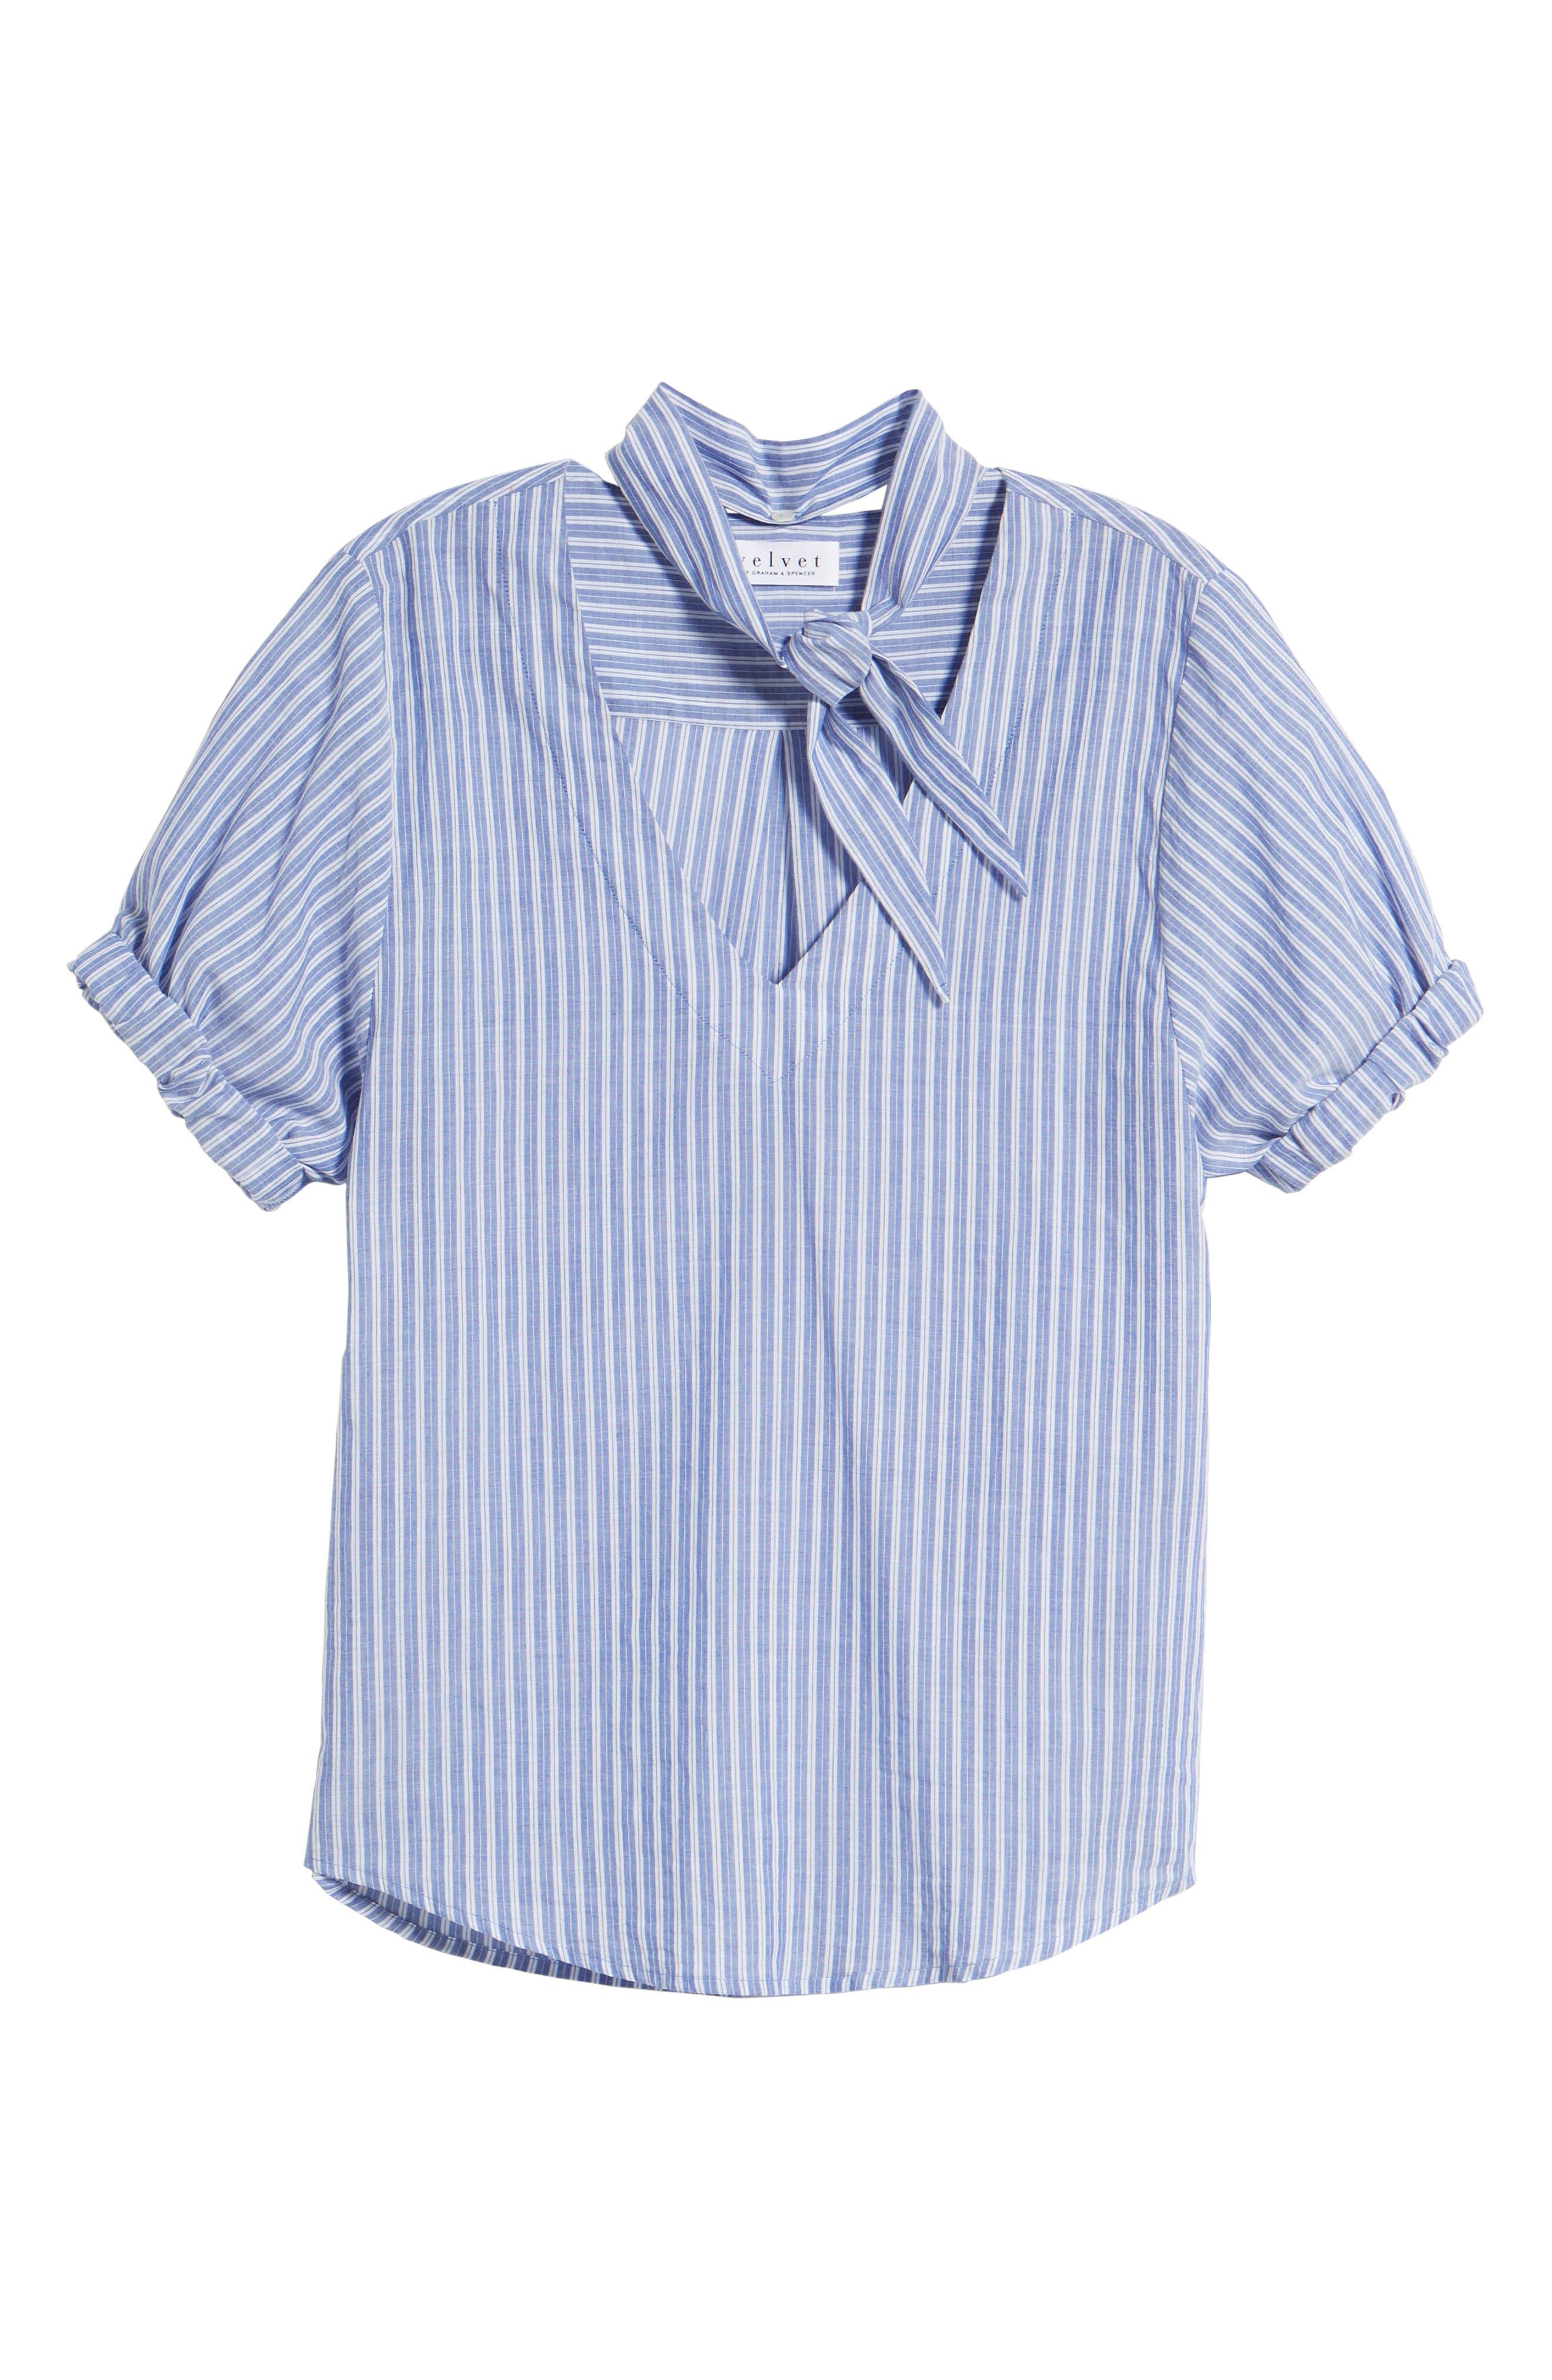 Removable Neckerchief Pinstripe Cotton Blouse,                             Alternate thumbnail 7, color,                             464